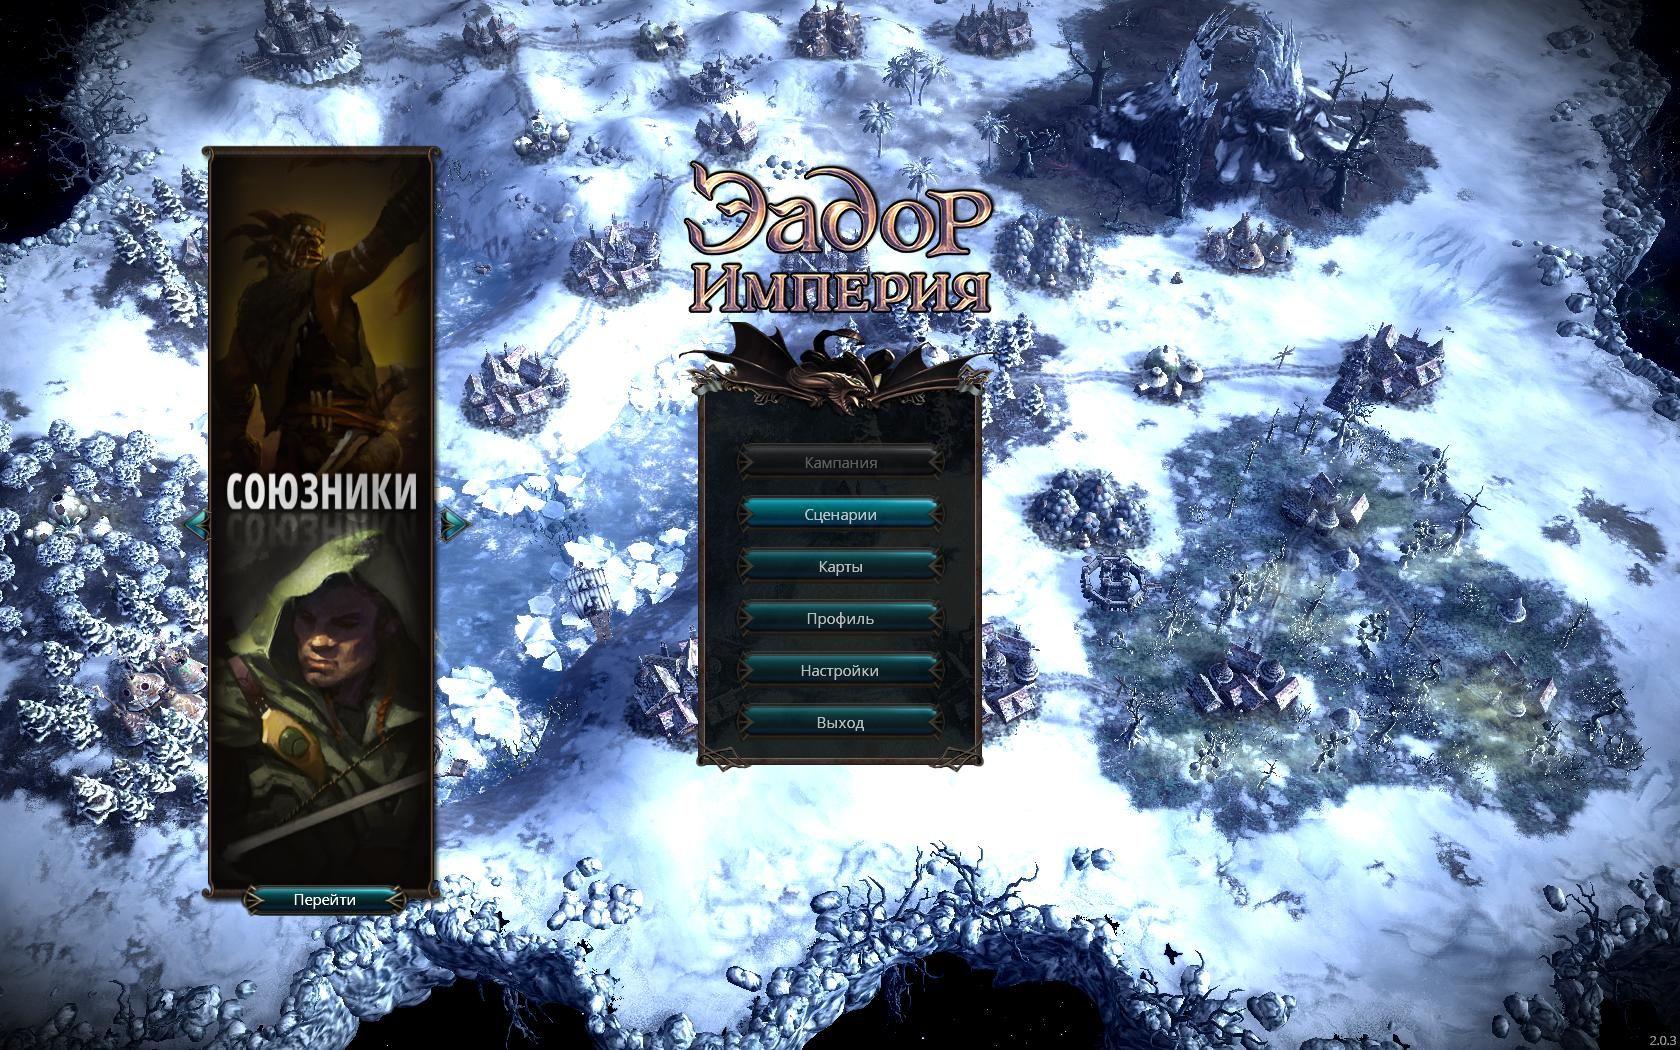 Скриншот Эадор: Империя / Eador: Imperium (2017) PC